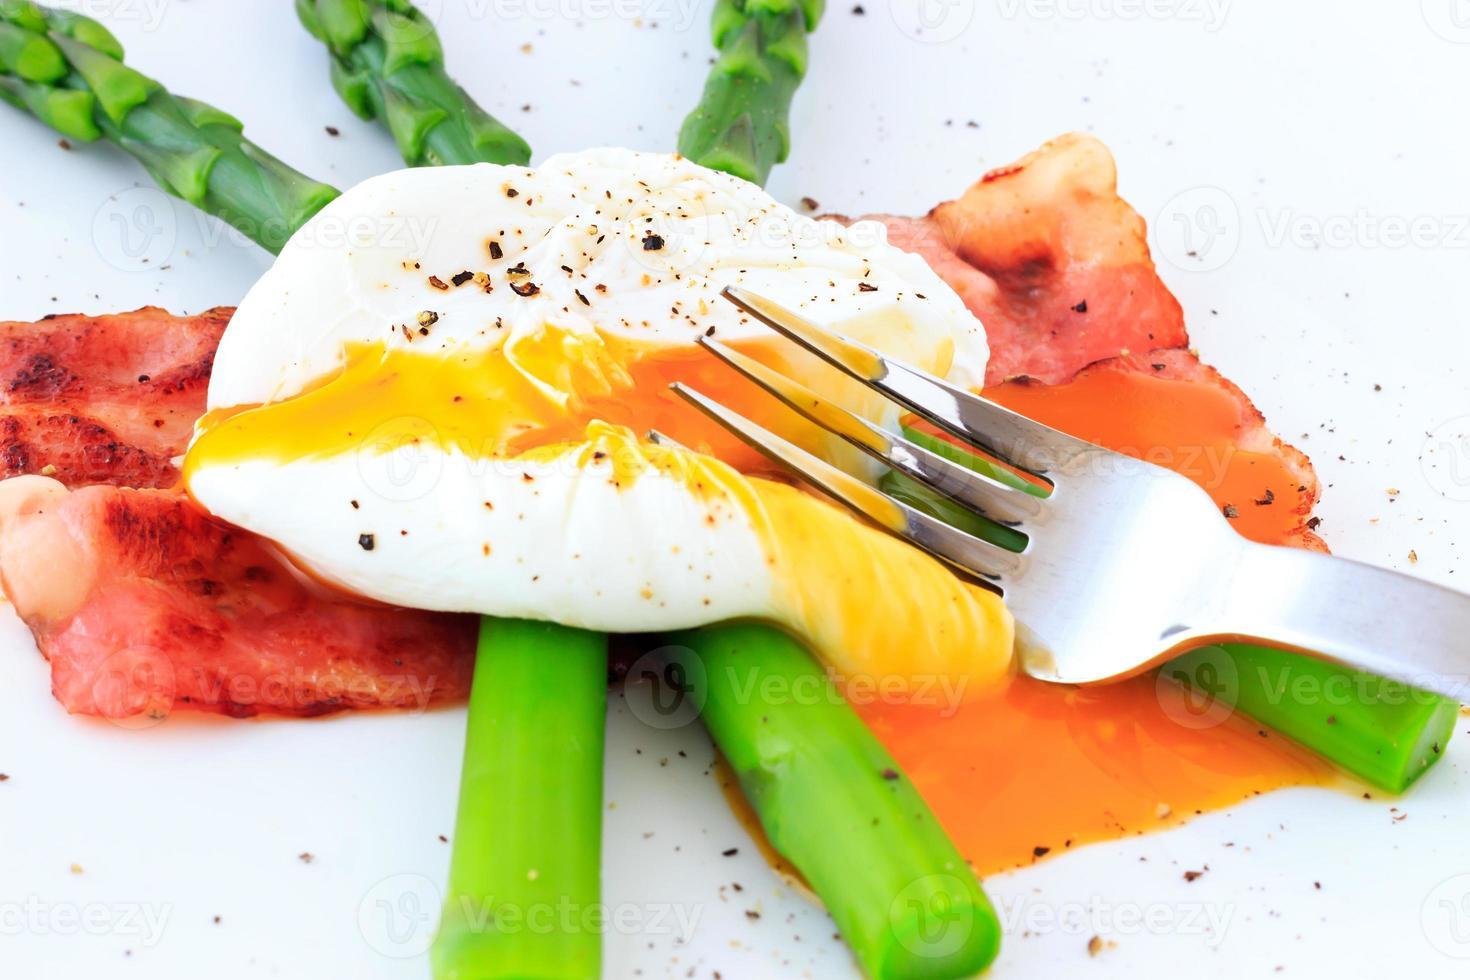 œuf poché sur asperges vertes photo